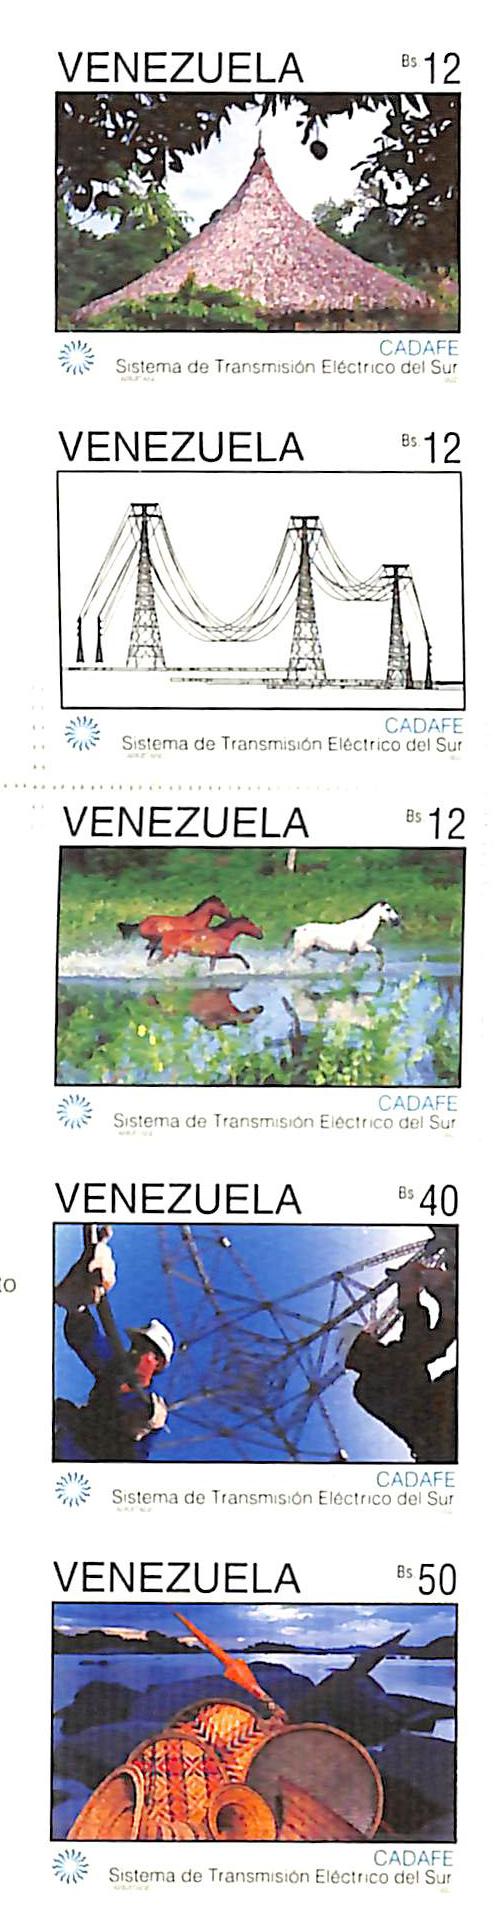 1992 Venezuela